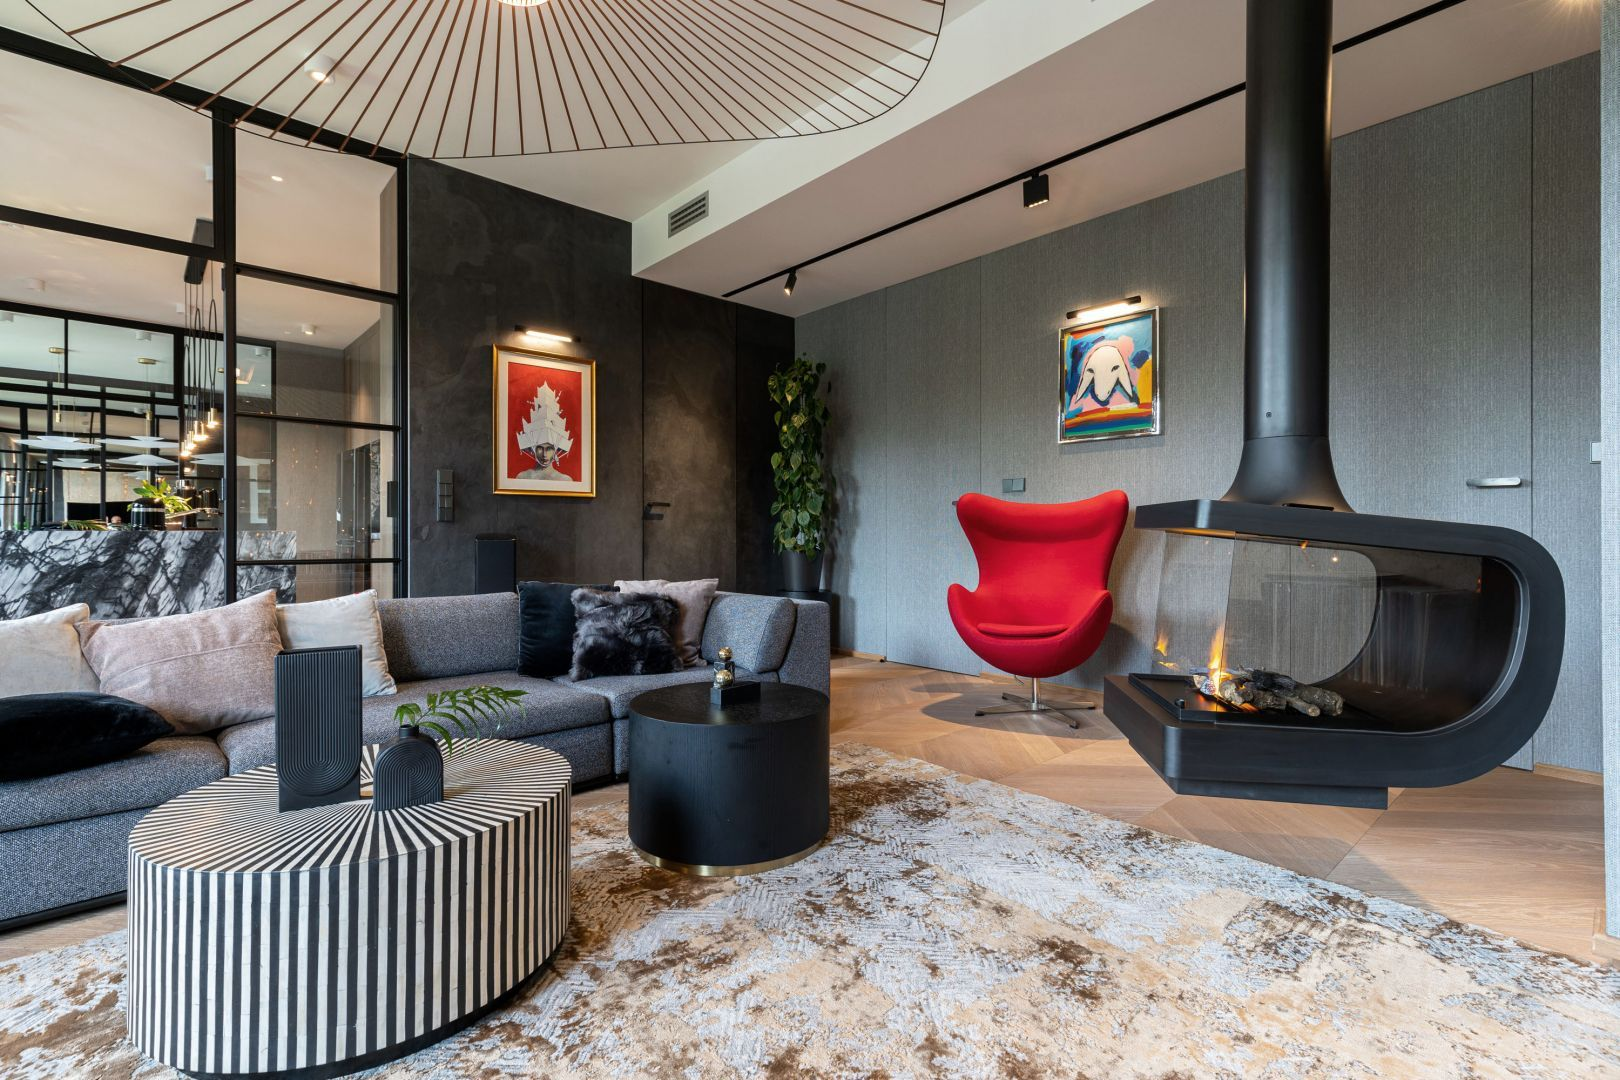 Czerwony fotel to odważny akcent w salonie urządzonym w ciepłej, złoto-brązowej kolorystyce. Projekt: Dorota Kwiecień, Gabriela Gajek Zakolska. Fot. Karol Kleszyk